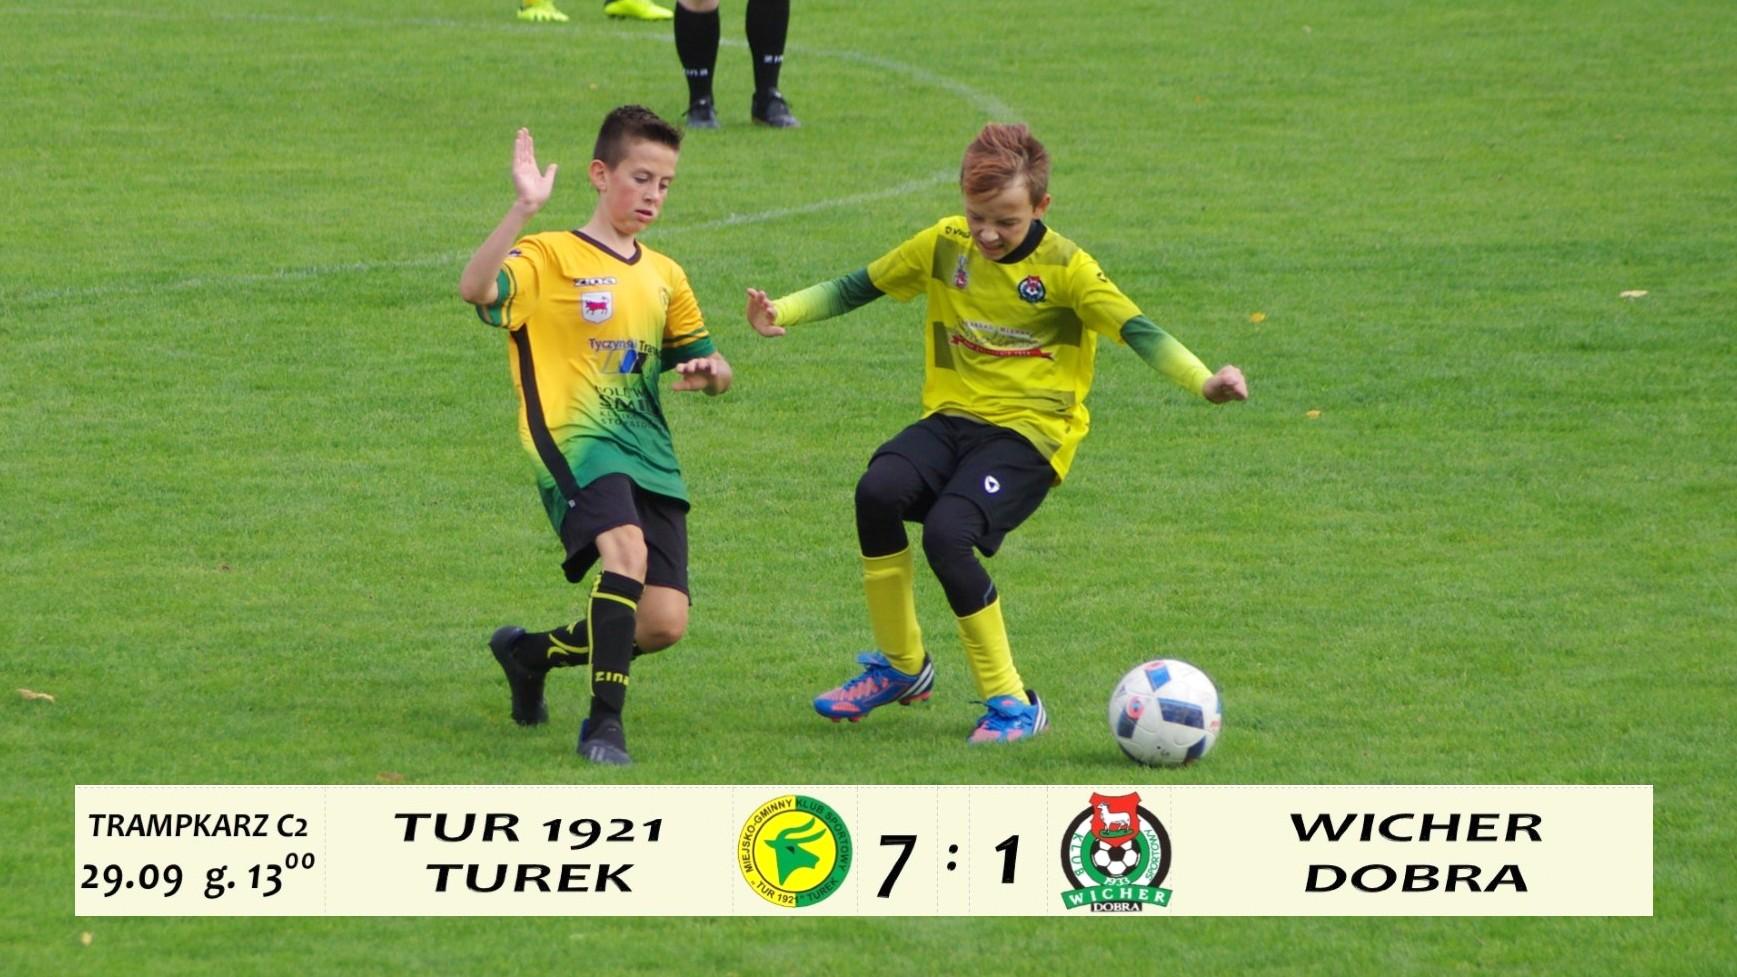 Tur 1921 Turek- Wicher Dobra 7:1